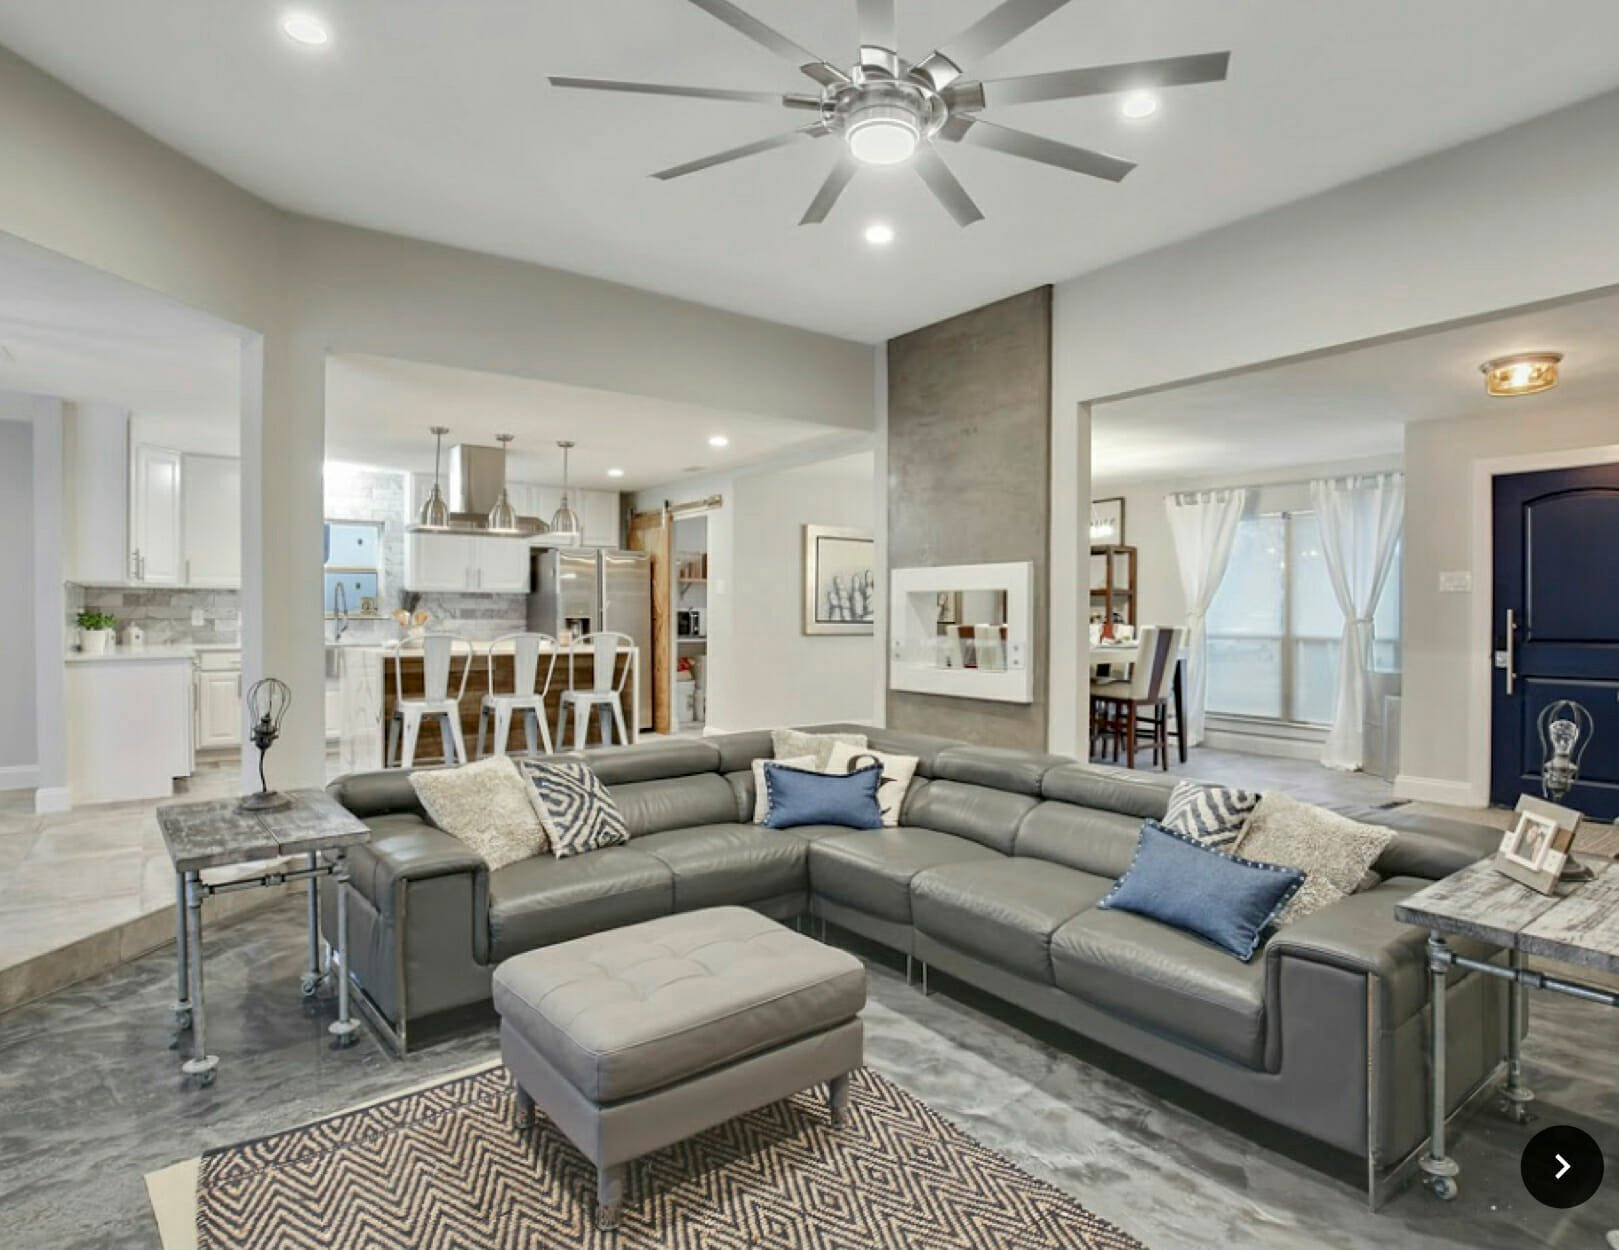 Contemporary open living room design by Decorilla home decorator in Dallas, Holly M.